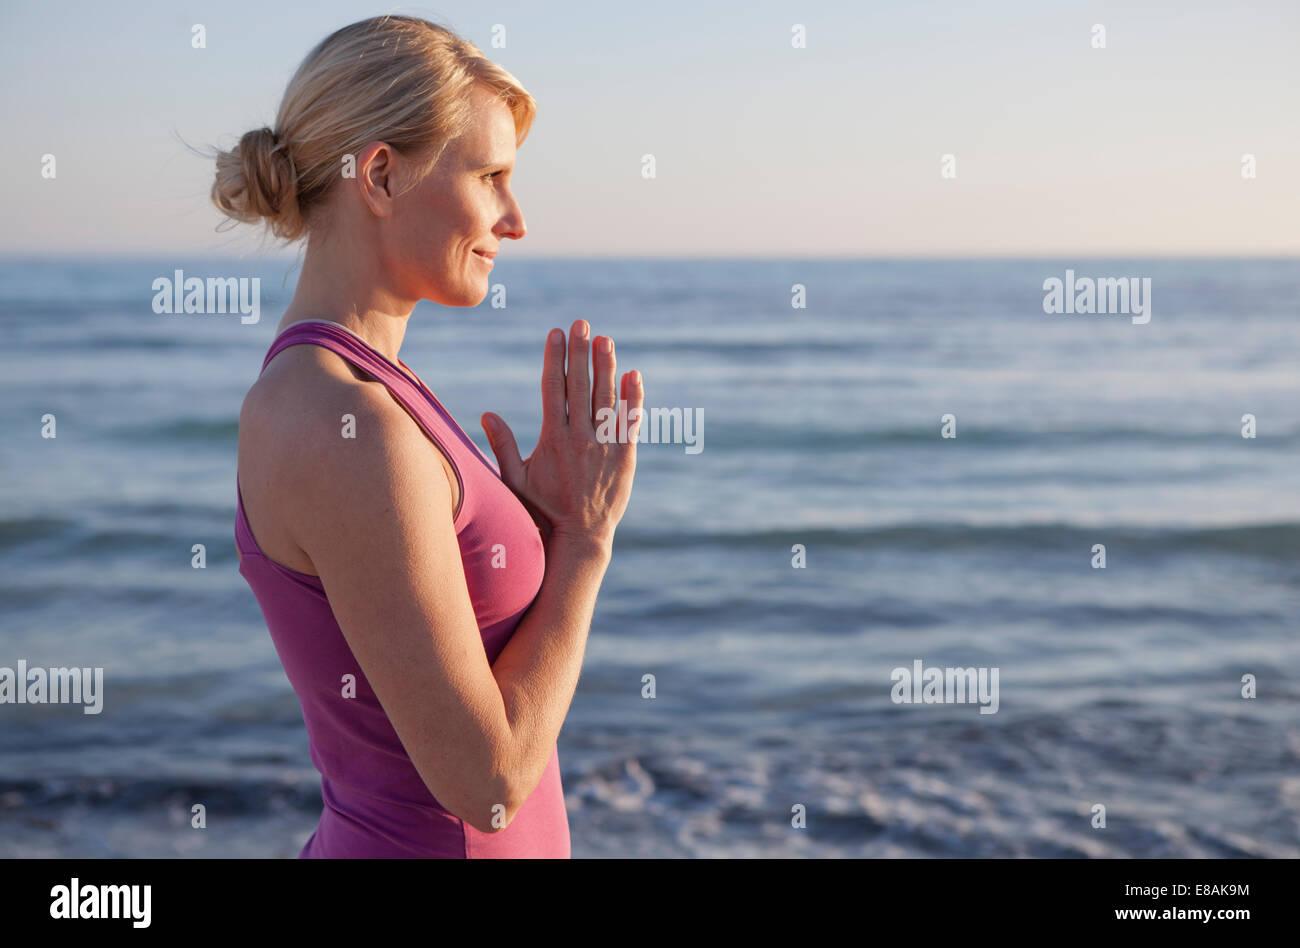 Woman in yoga pose de prière sur la plage Photo Stock